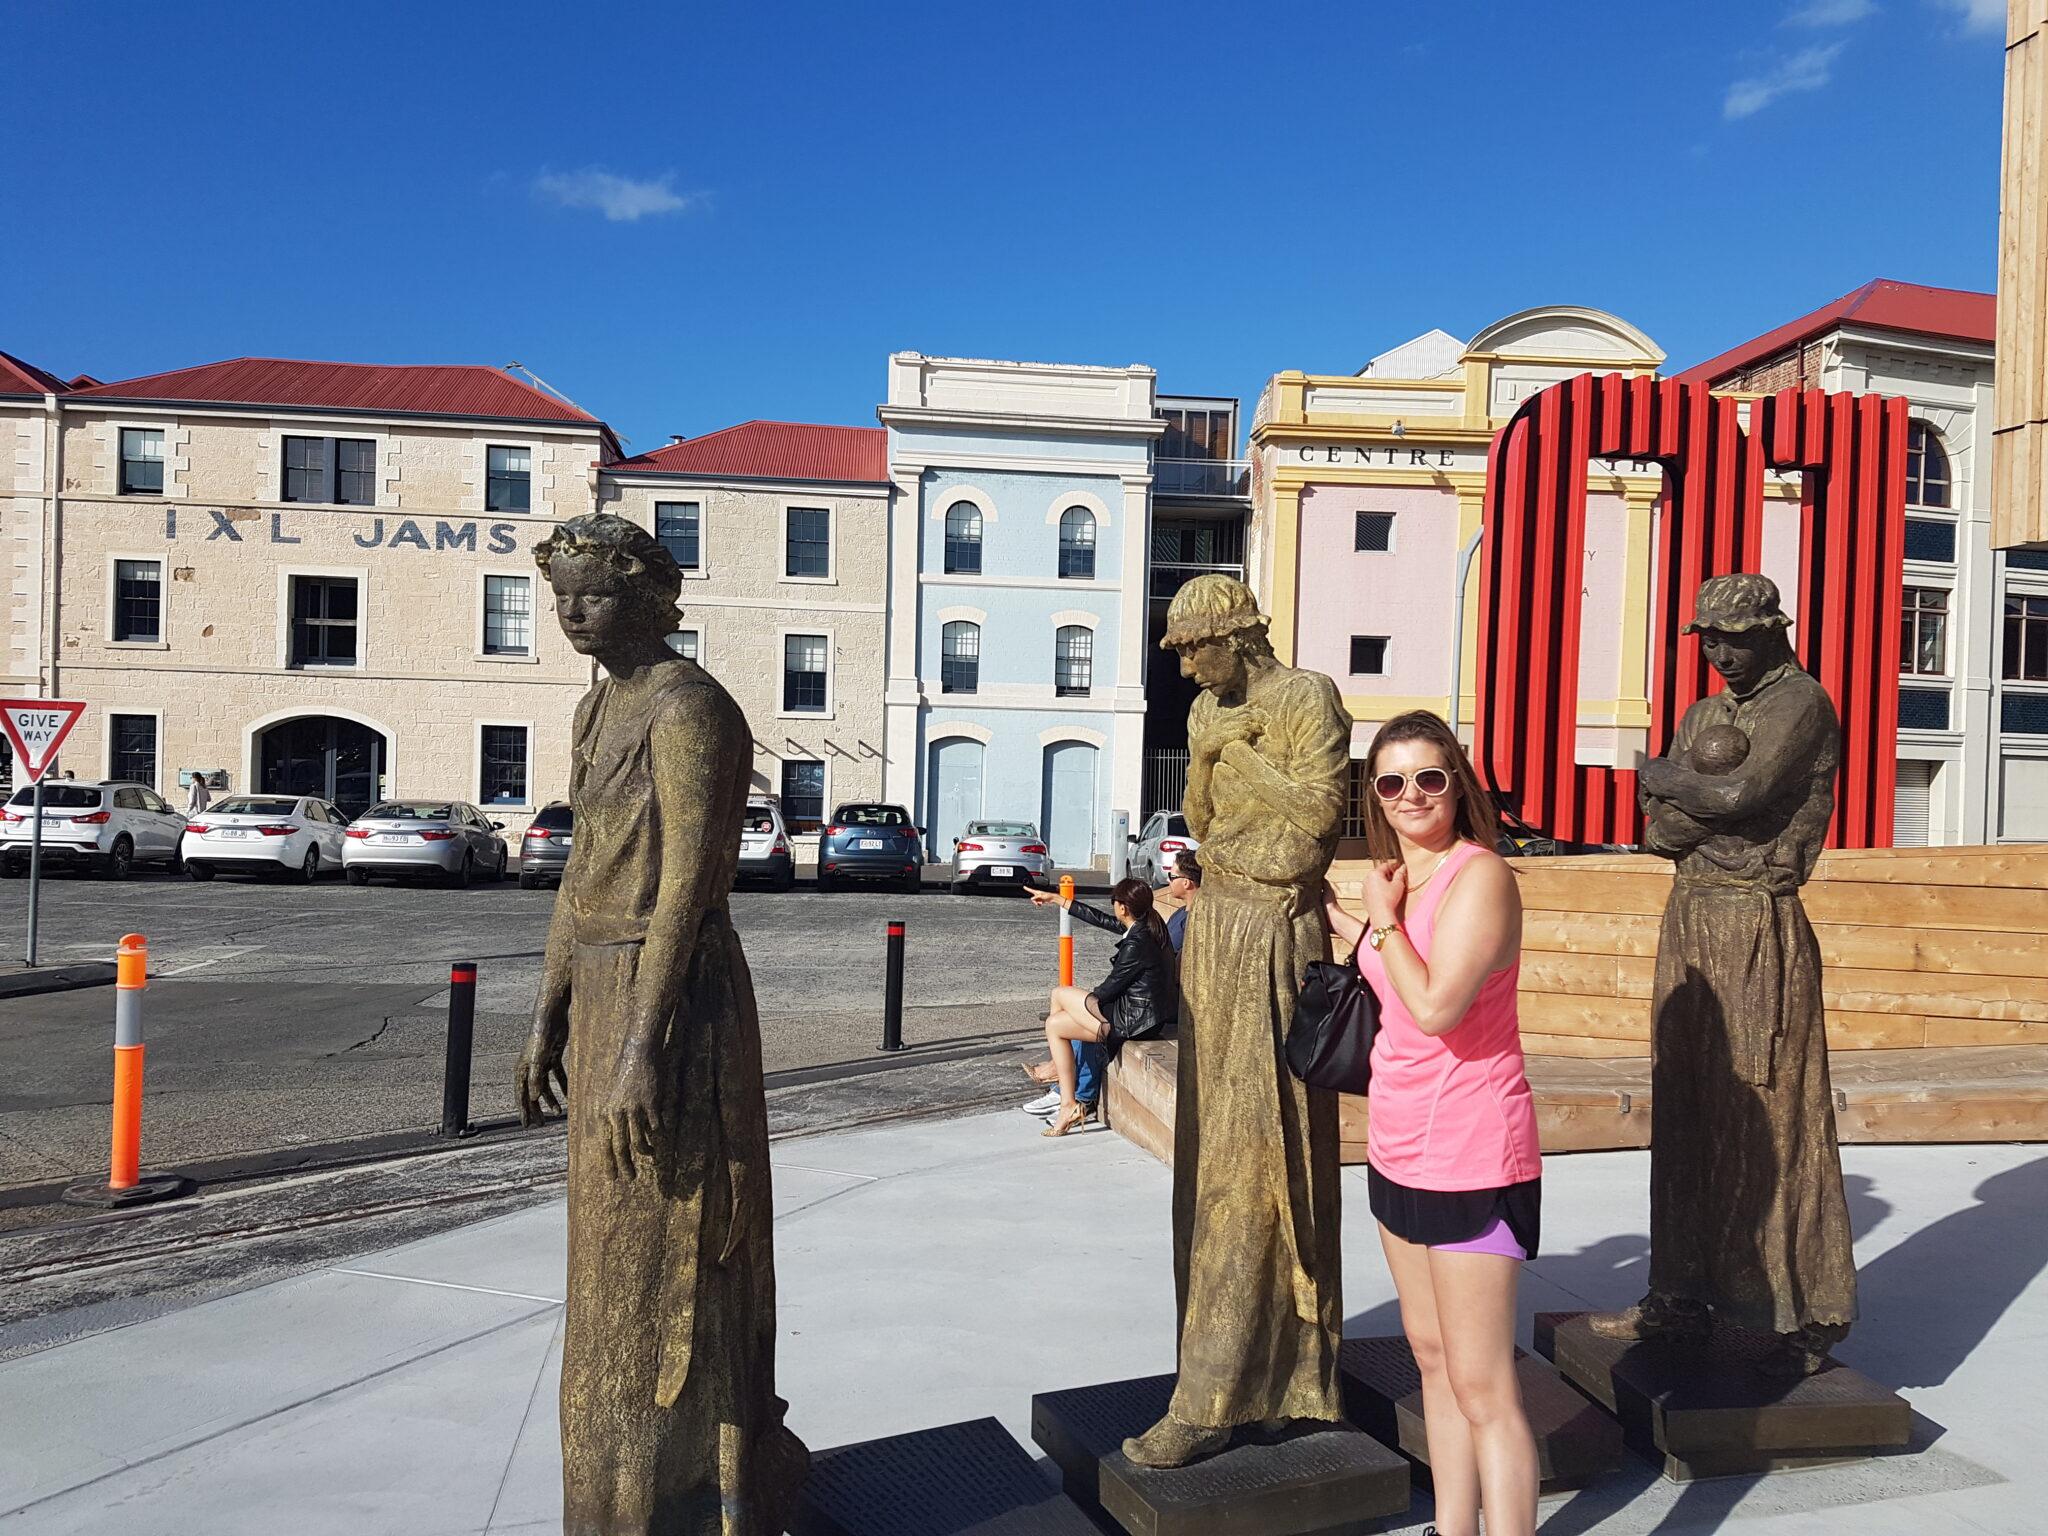 Unwilling pioneers statues